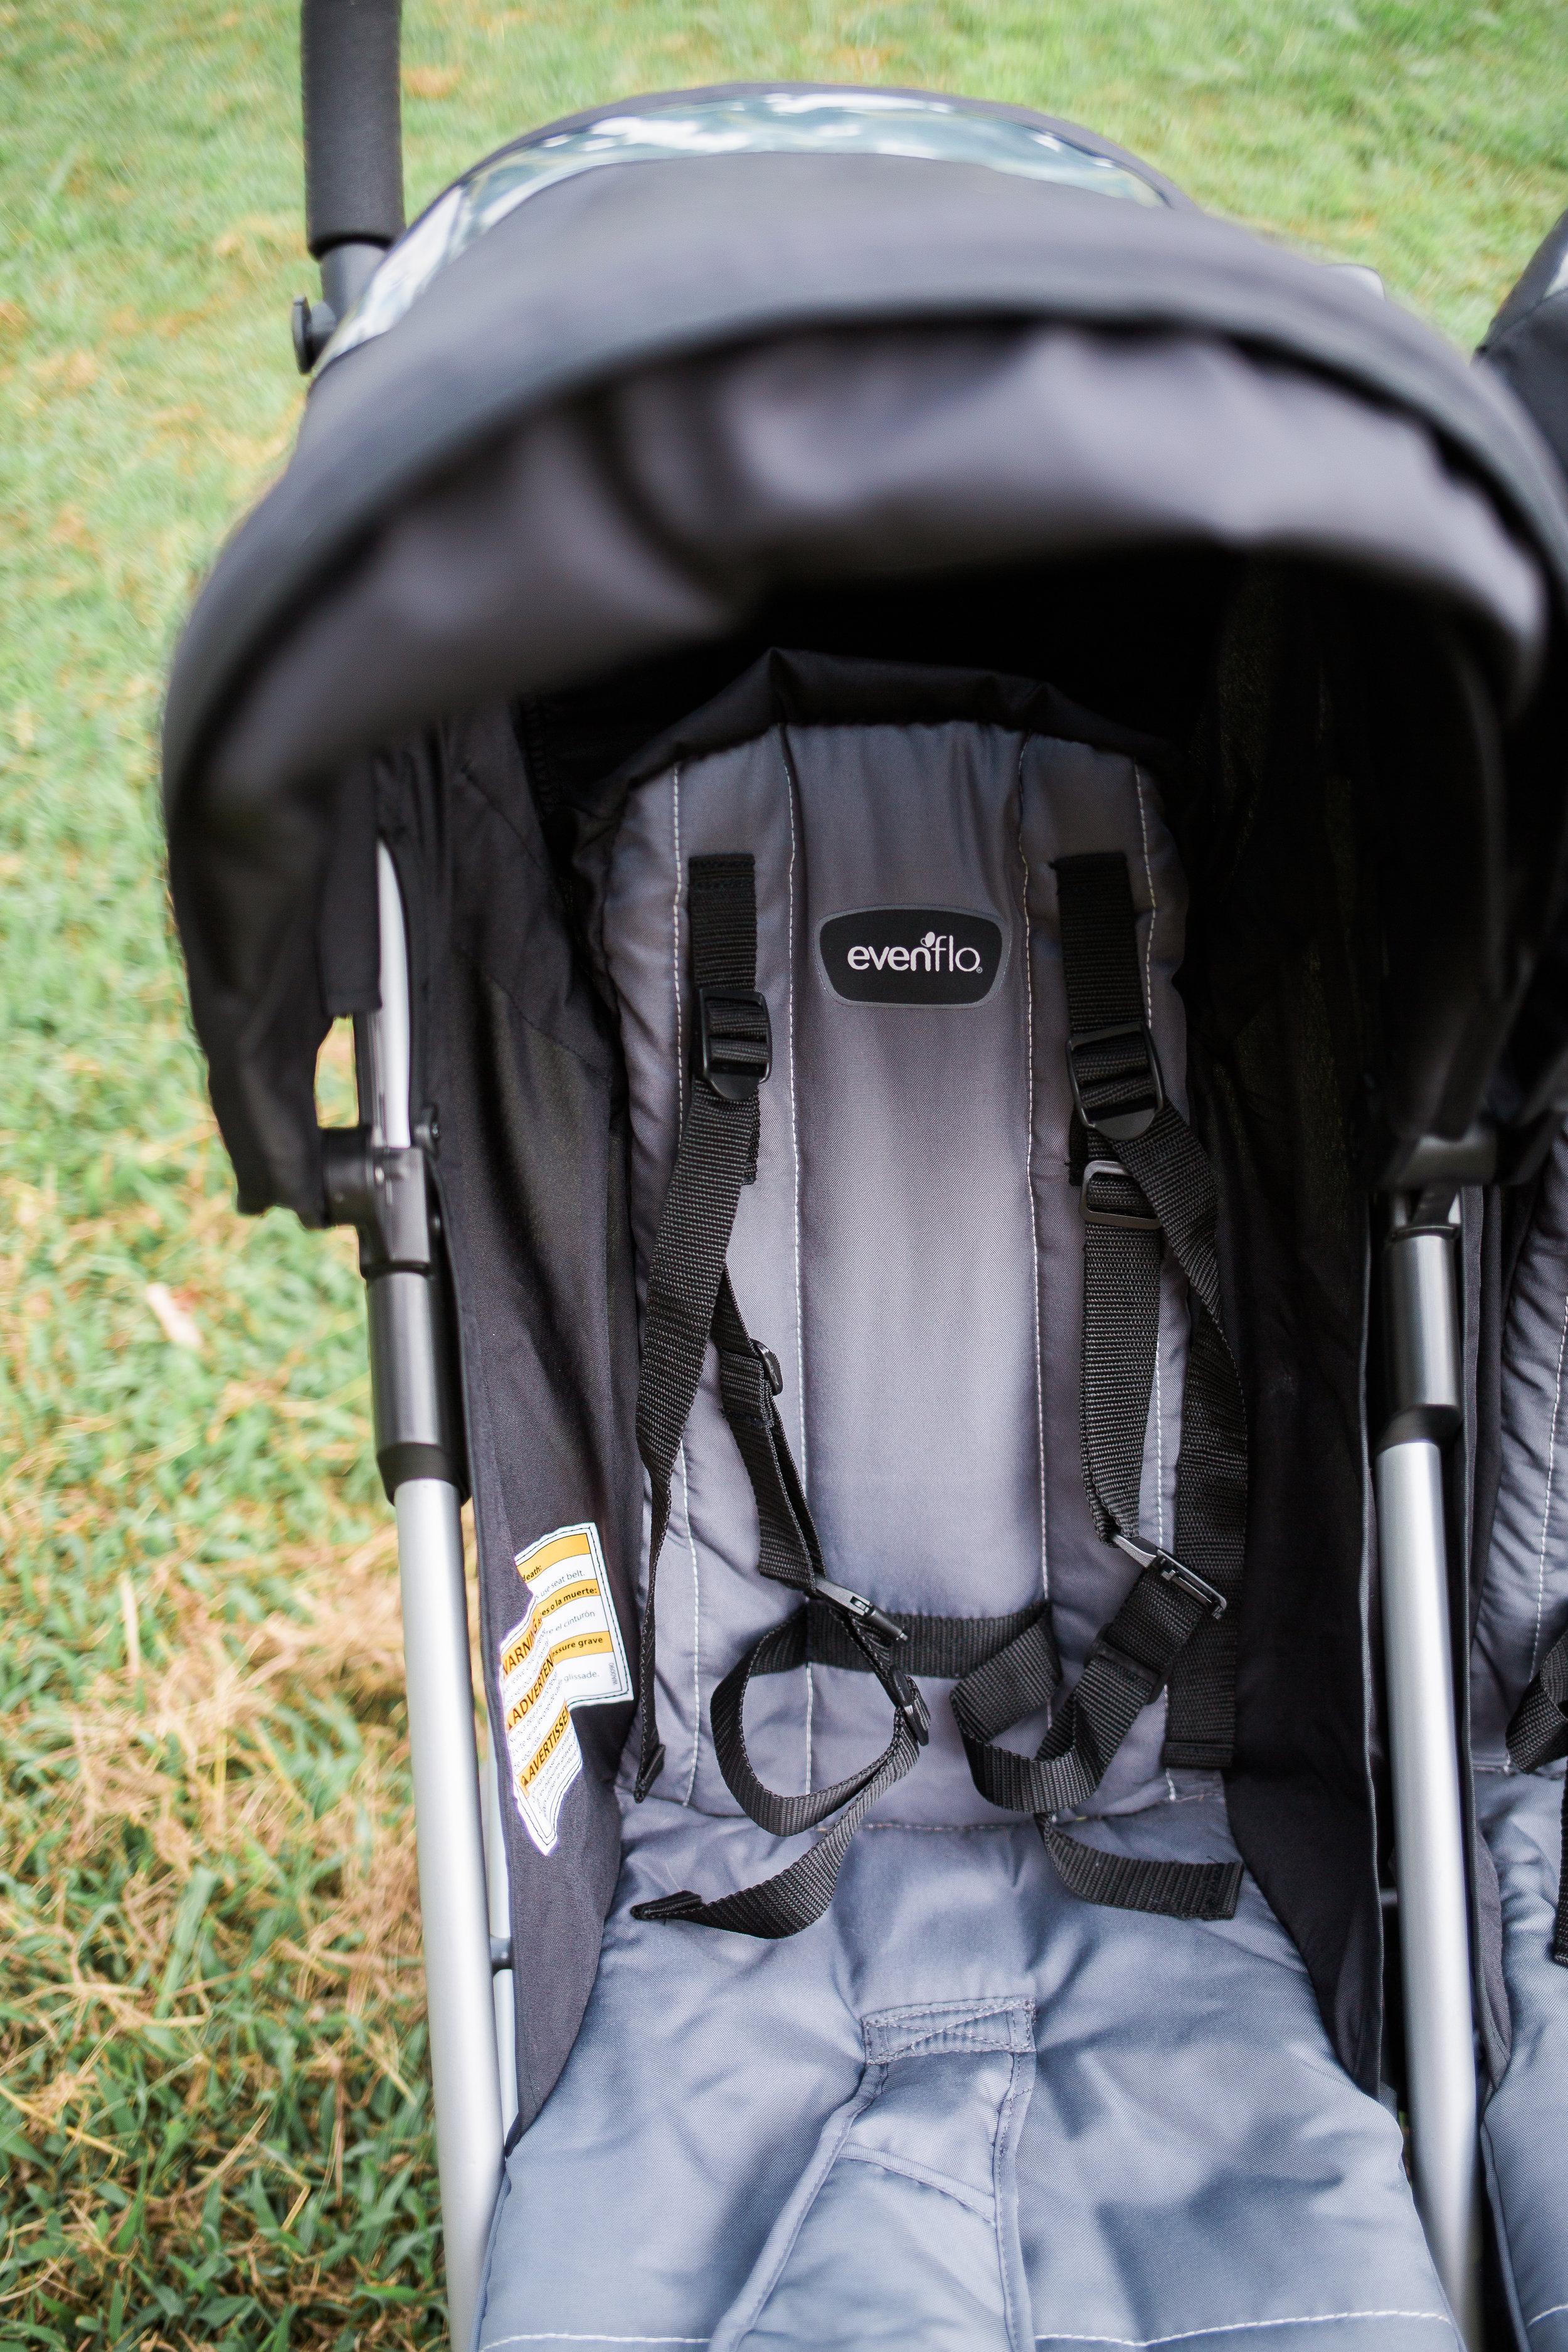 stroller-10.jpg